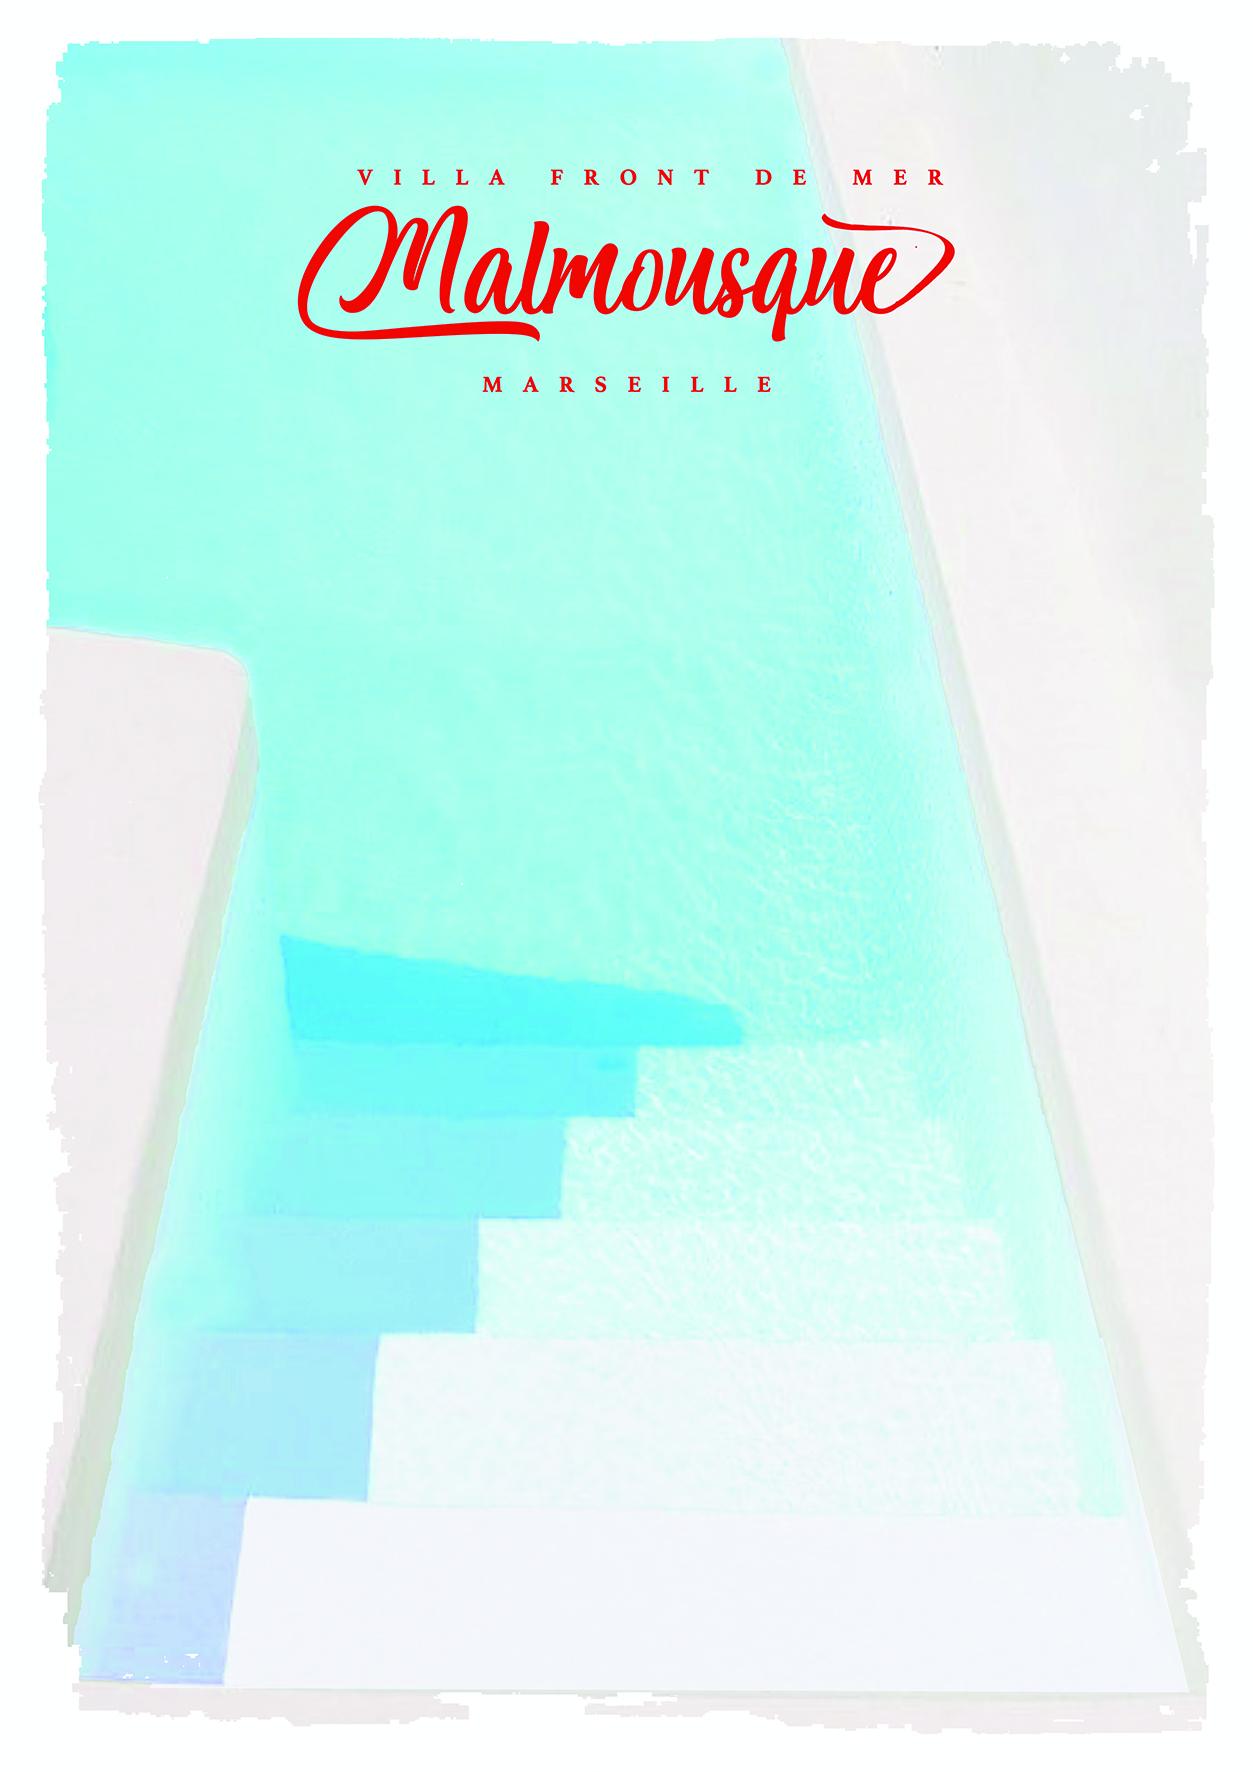 MALMOUSQUE 1